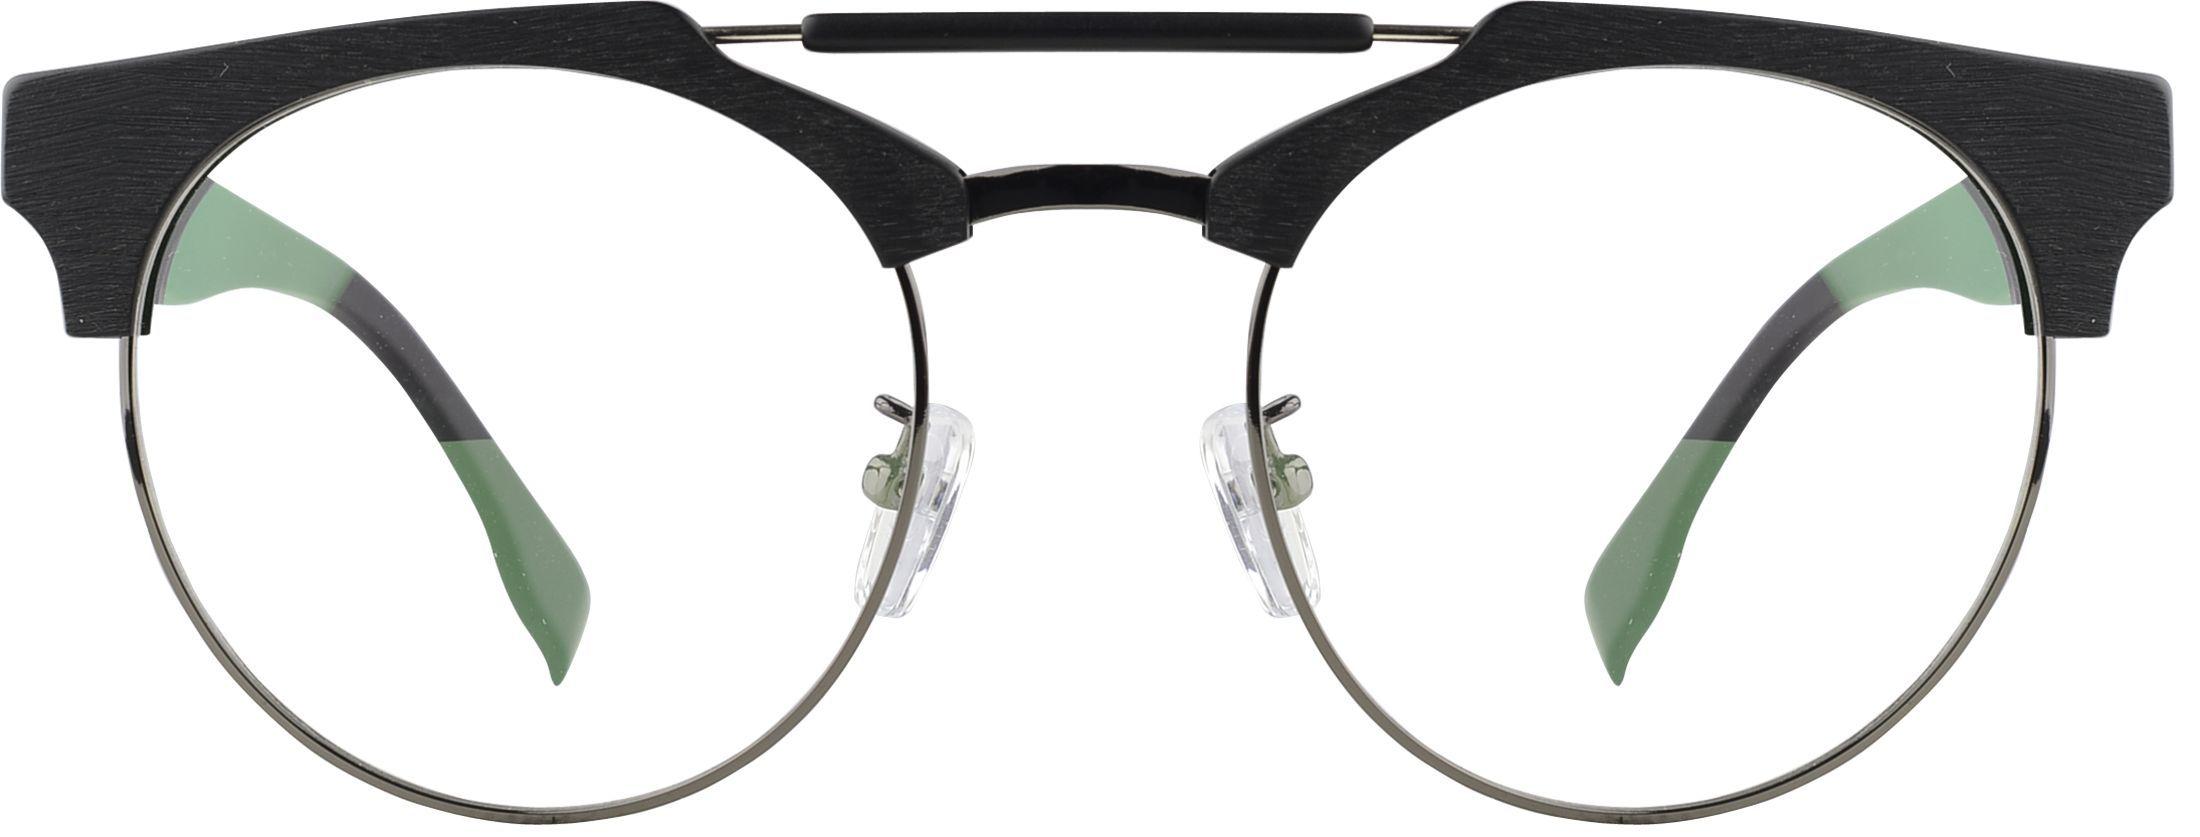 Köp glasögon online till väldigt låga priser!  c98d841ff73e9